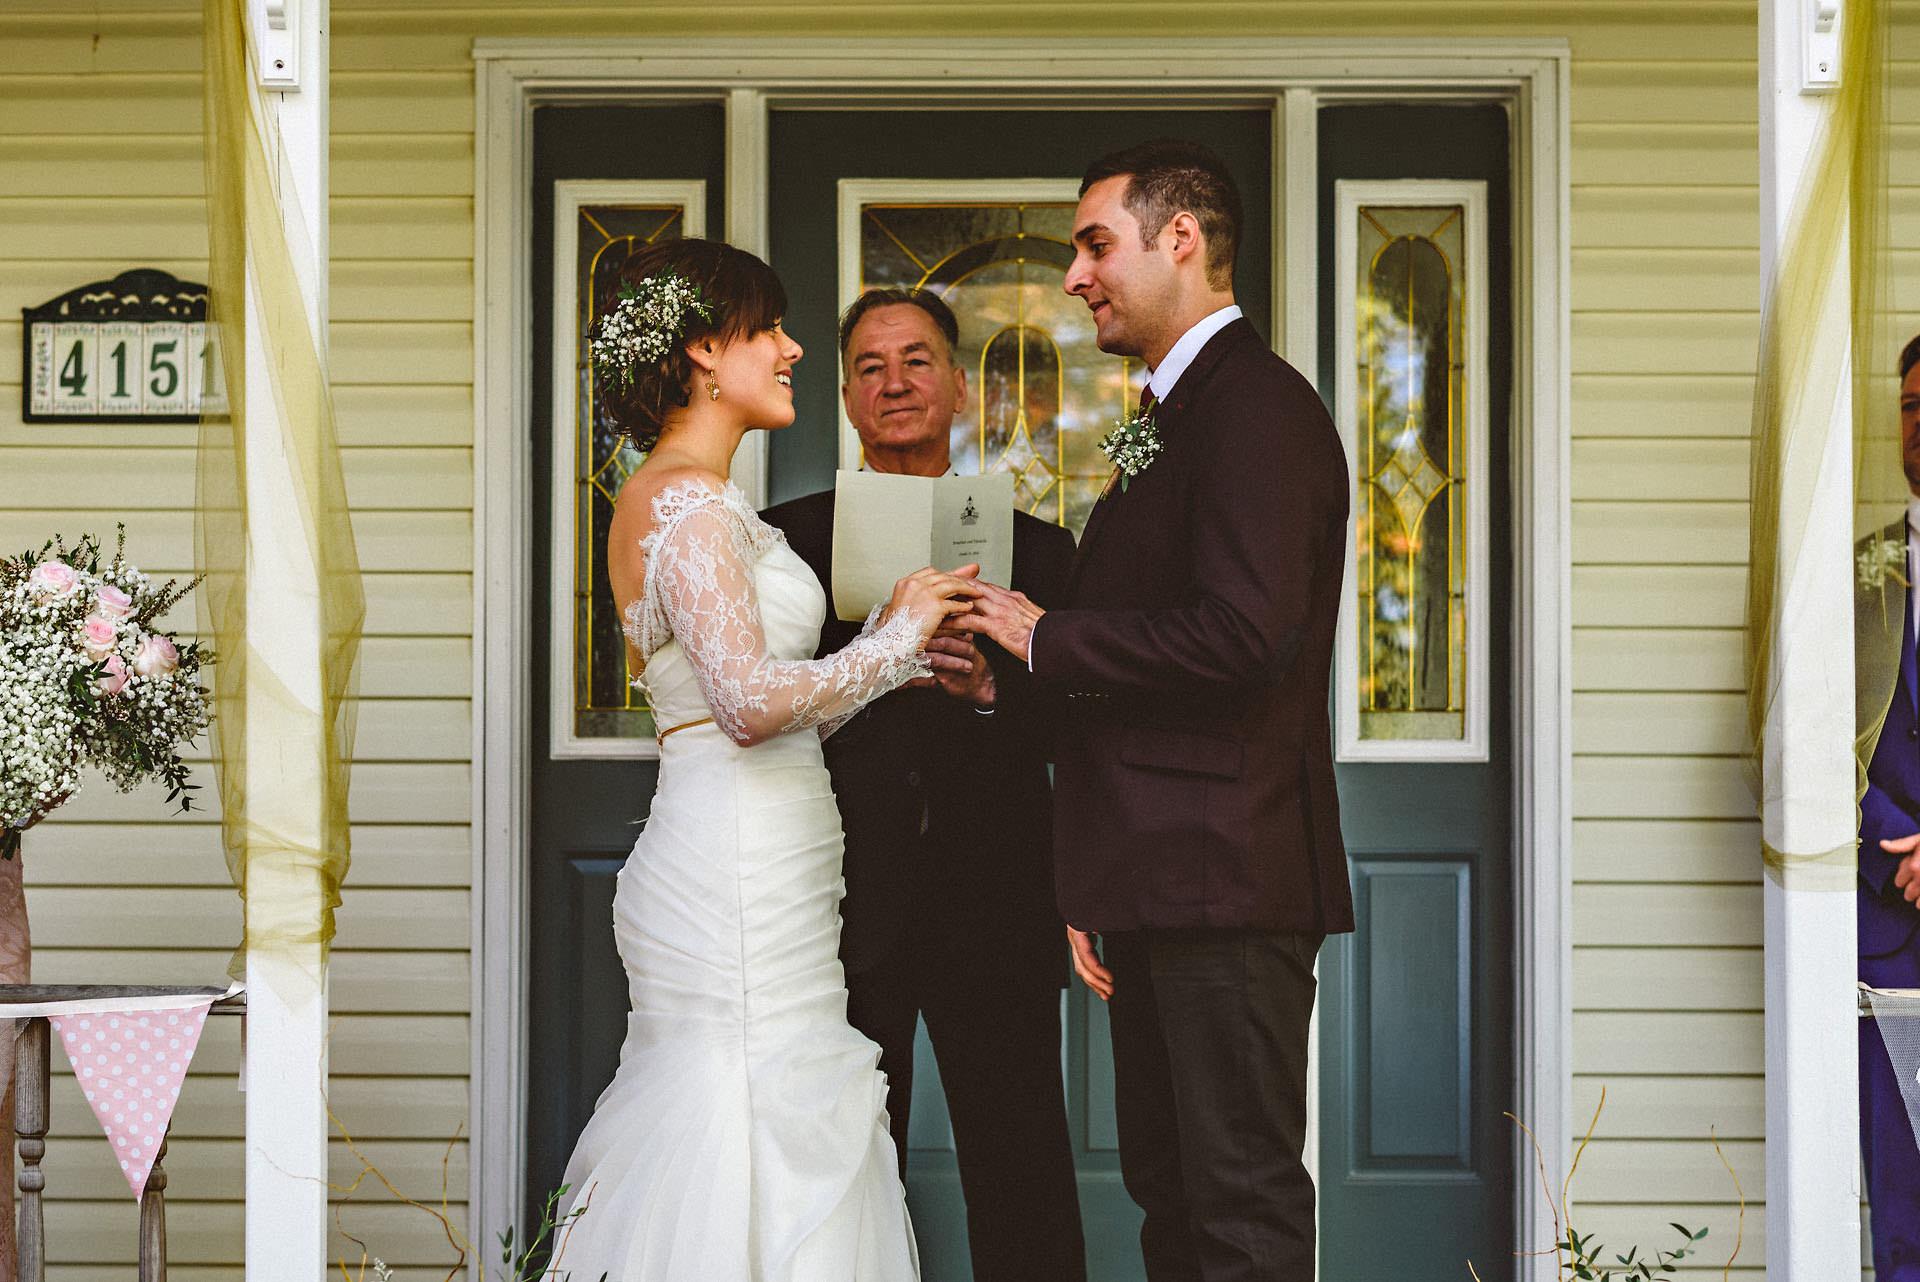 exchange of rings at a niagara backyard wedding